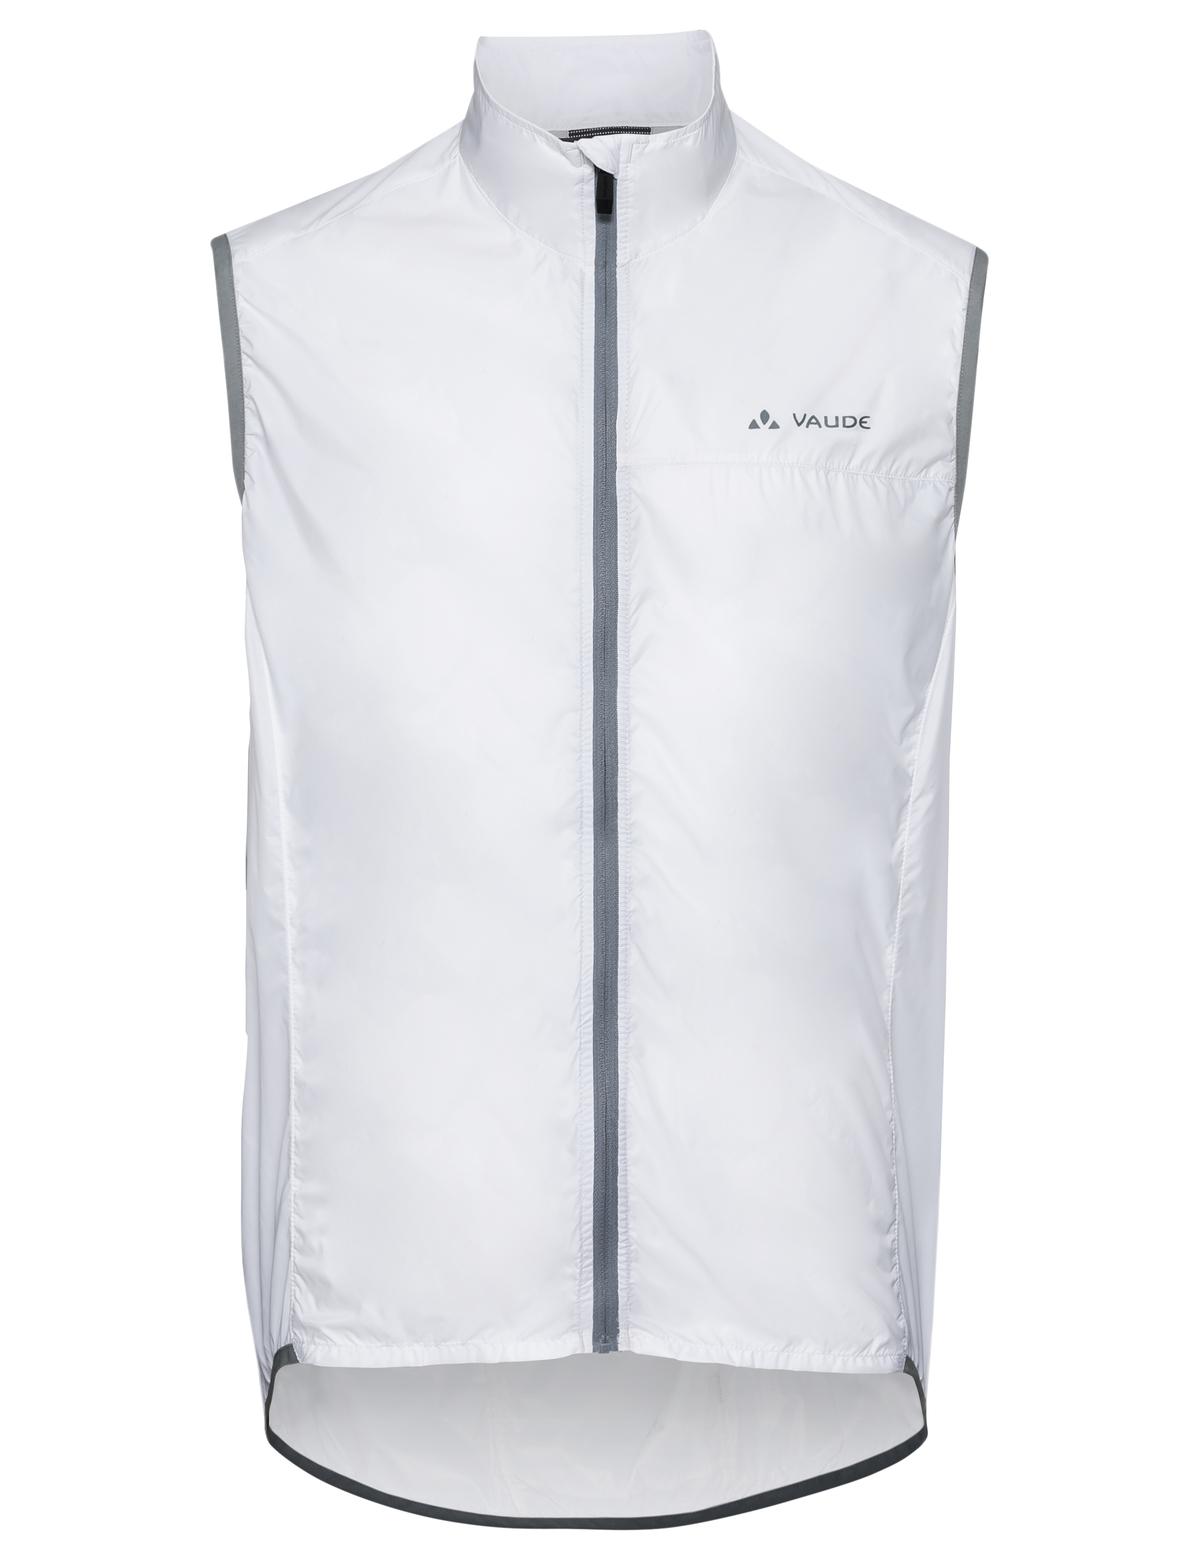 VAUDE Men´s Air Vest III white Größe XXXL - 2-Rad-Sport Wehrle